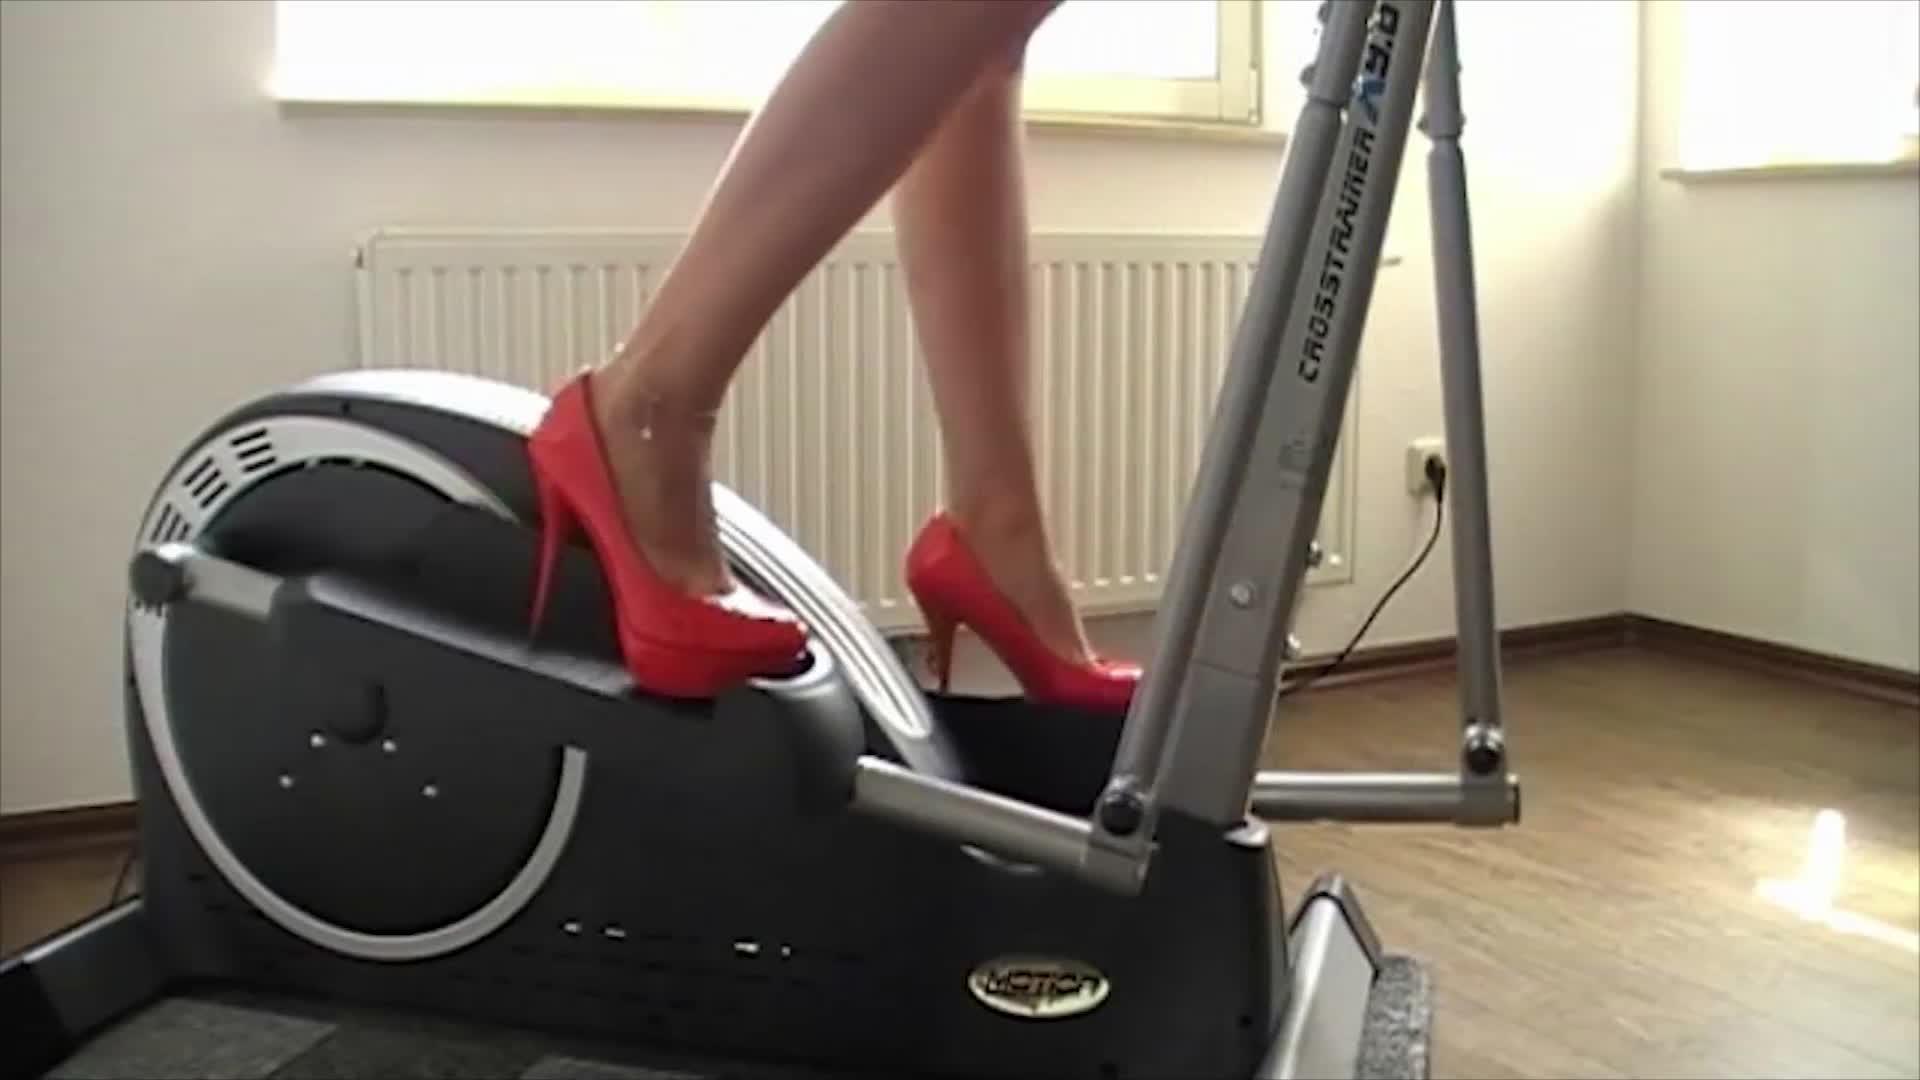 Fitness in High-Heels